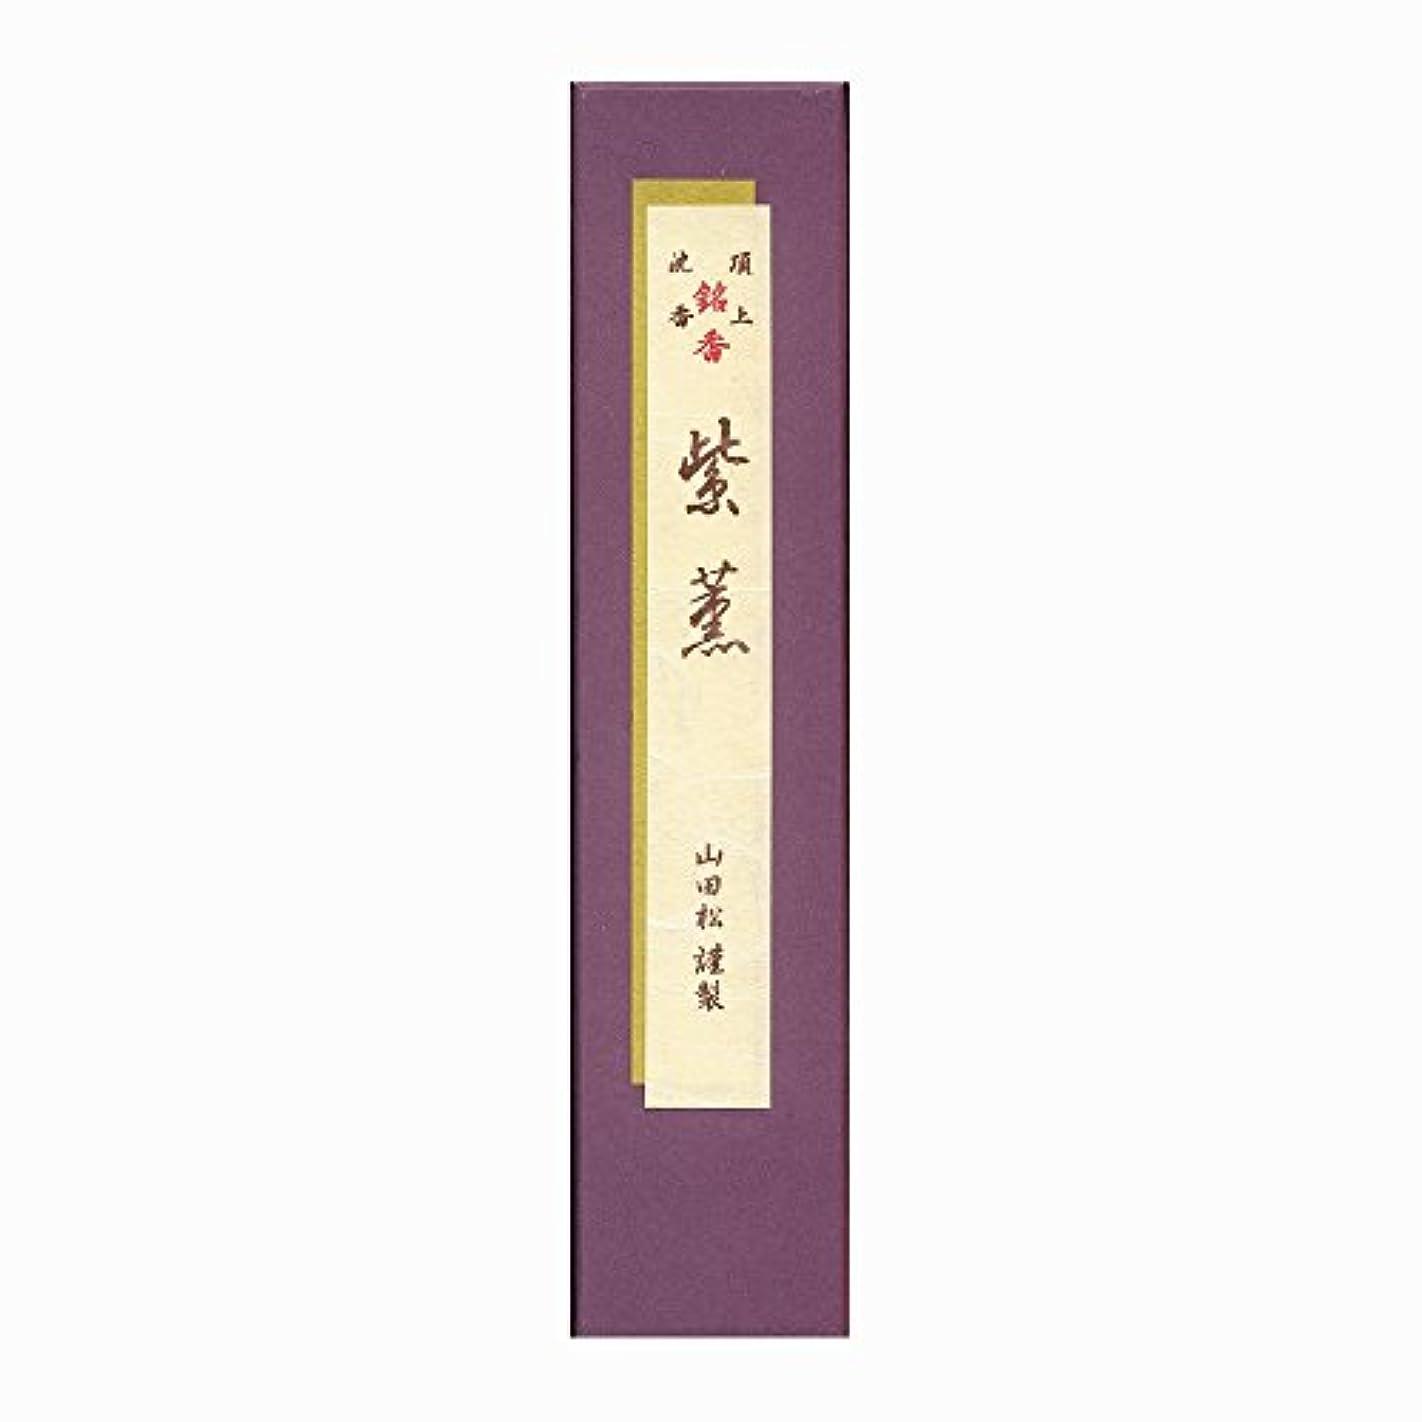 プロテスタント邪魔試験紫薫 短寸(5寸) 紙箱入